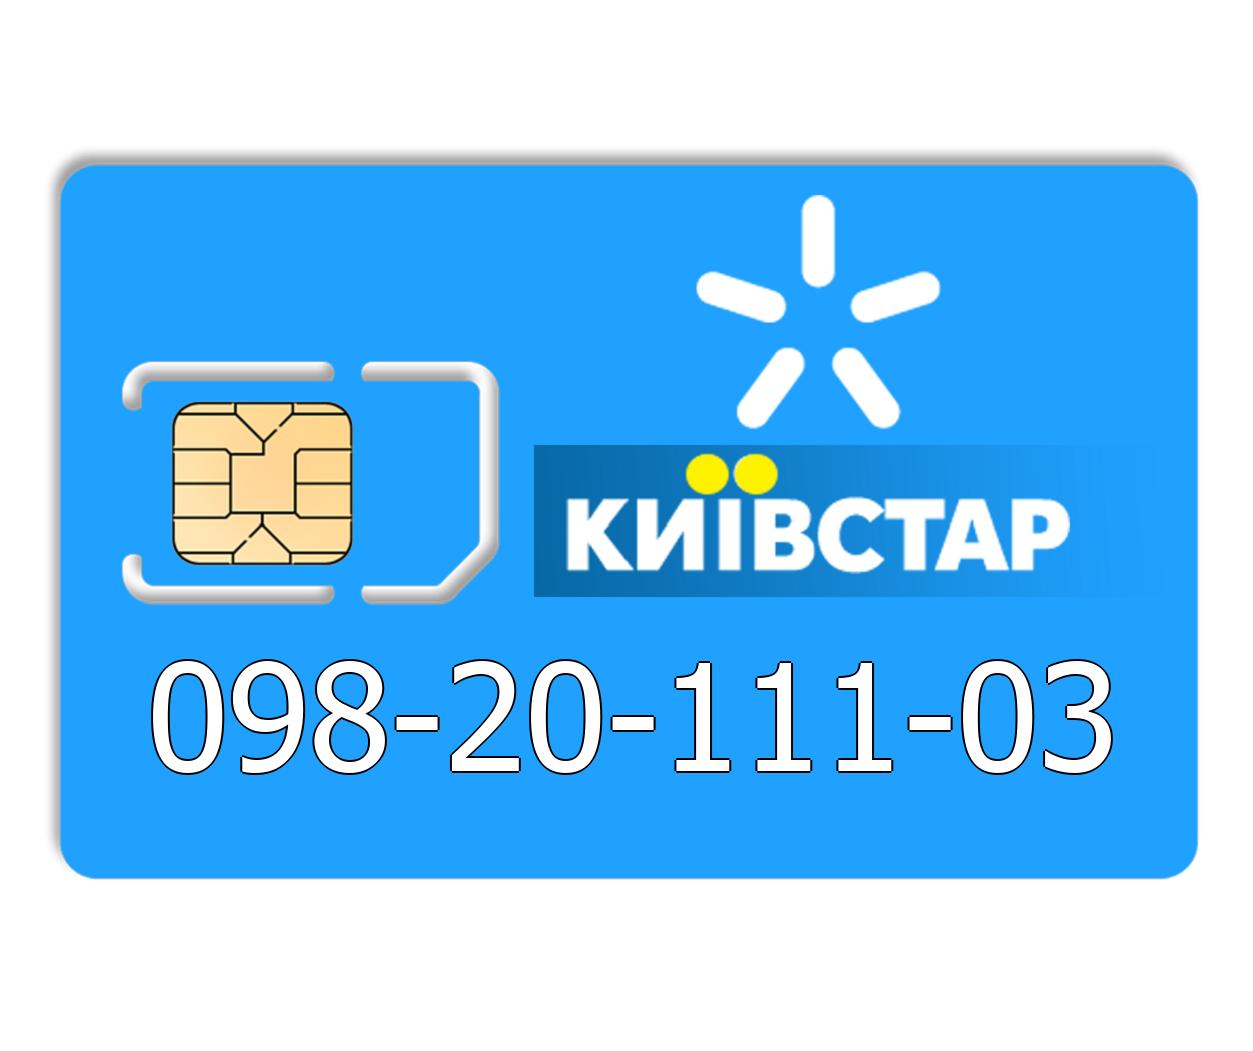 Красивый номер Киевстар 098-20-111-03